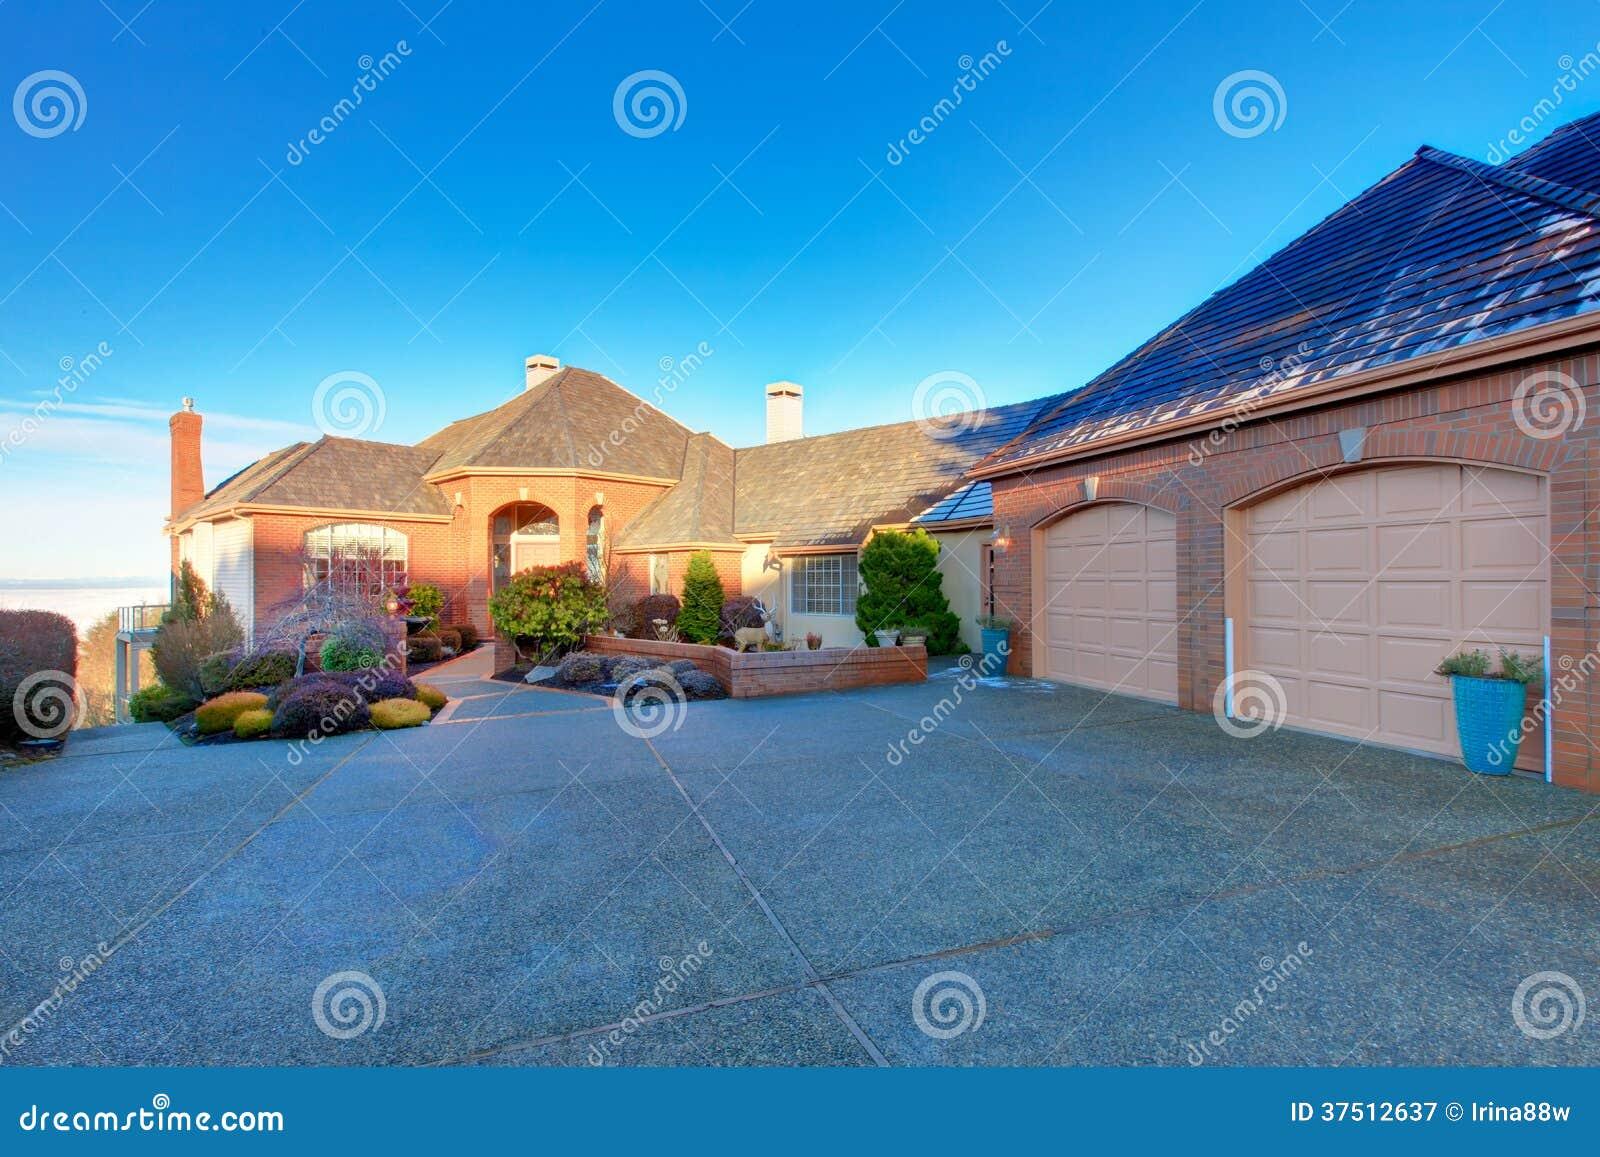 Luxury Brick House Royalty Free Stock Photography Image